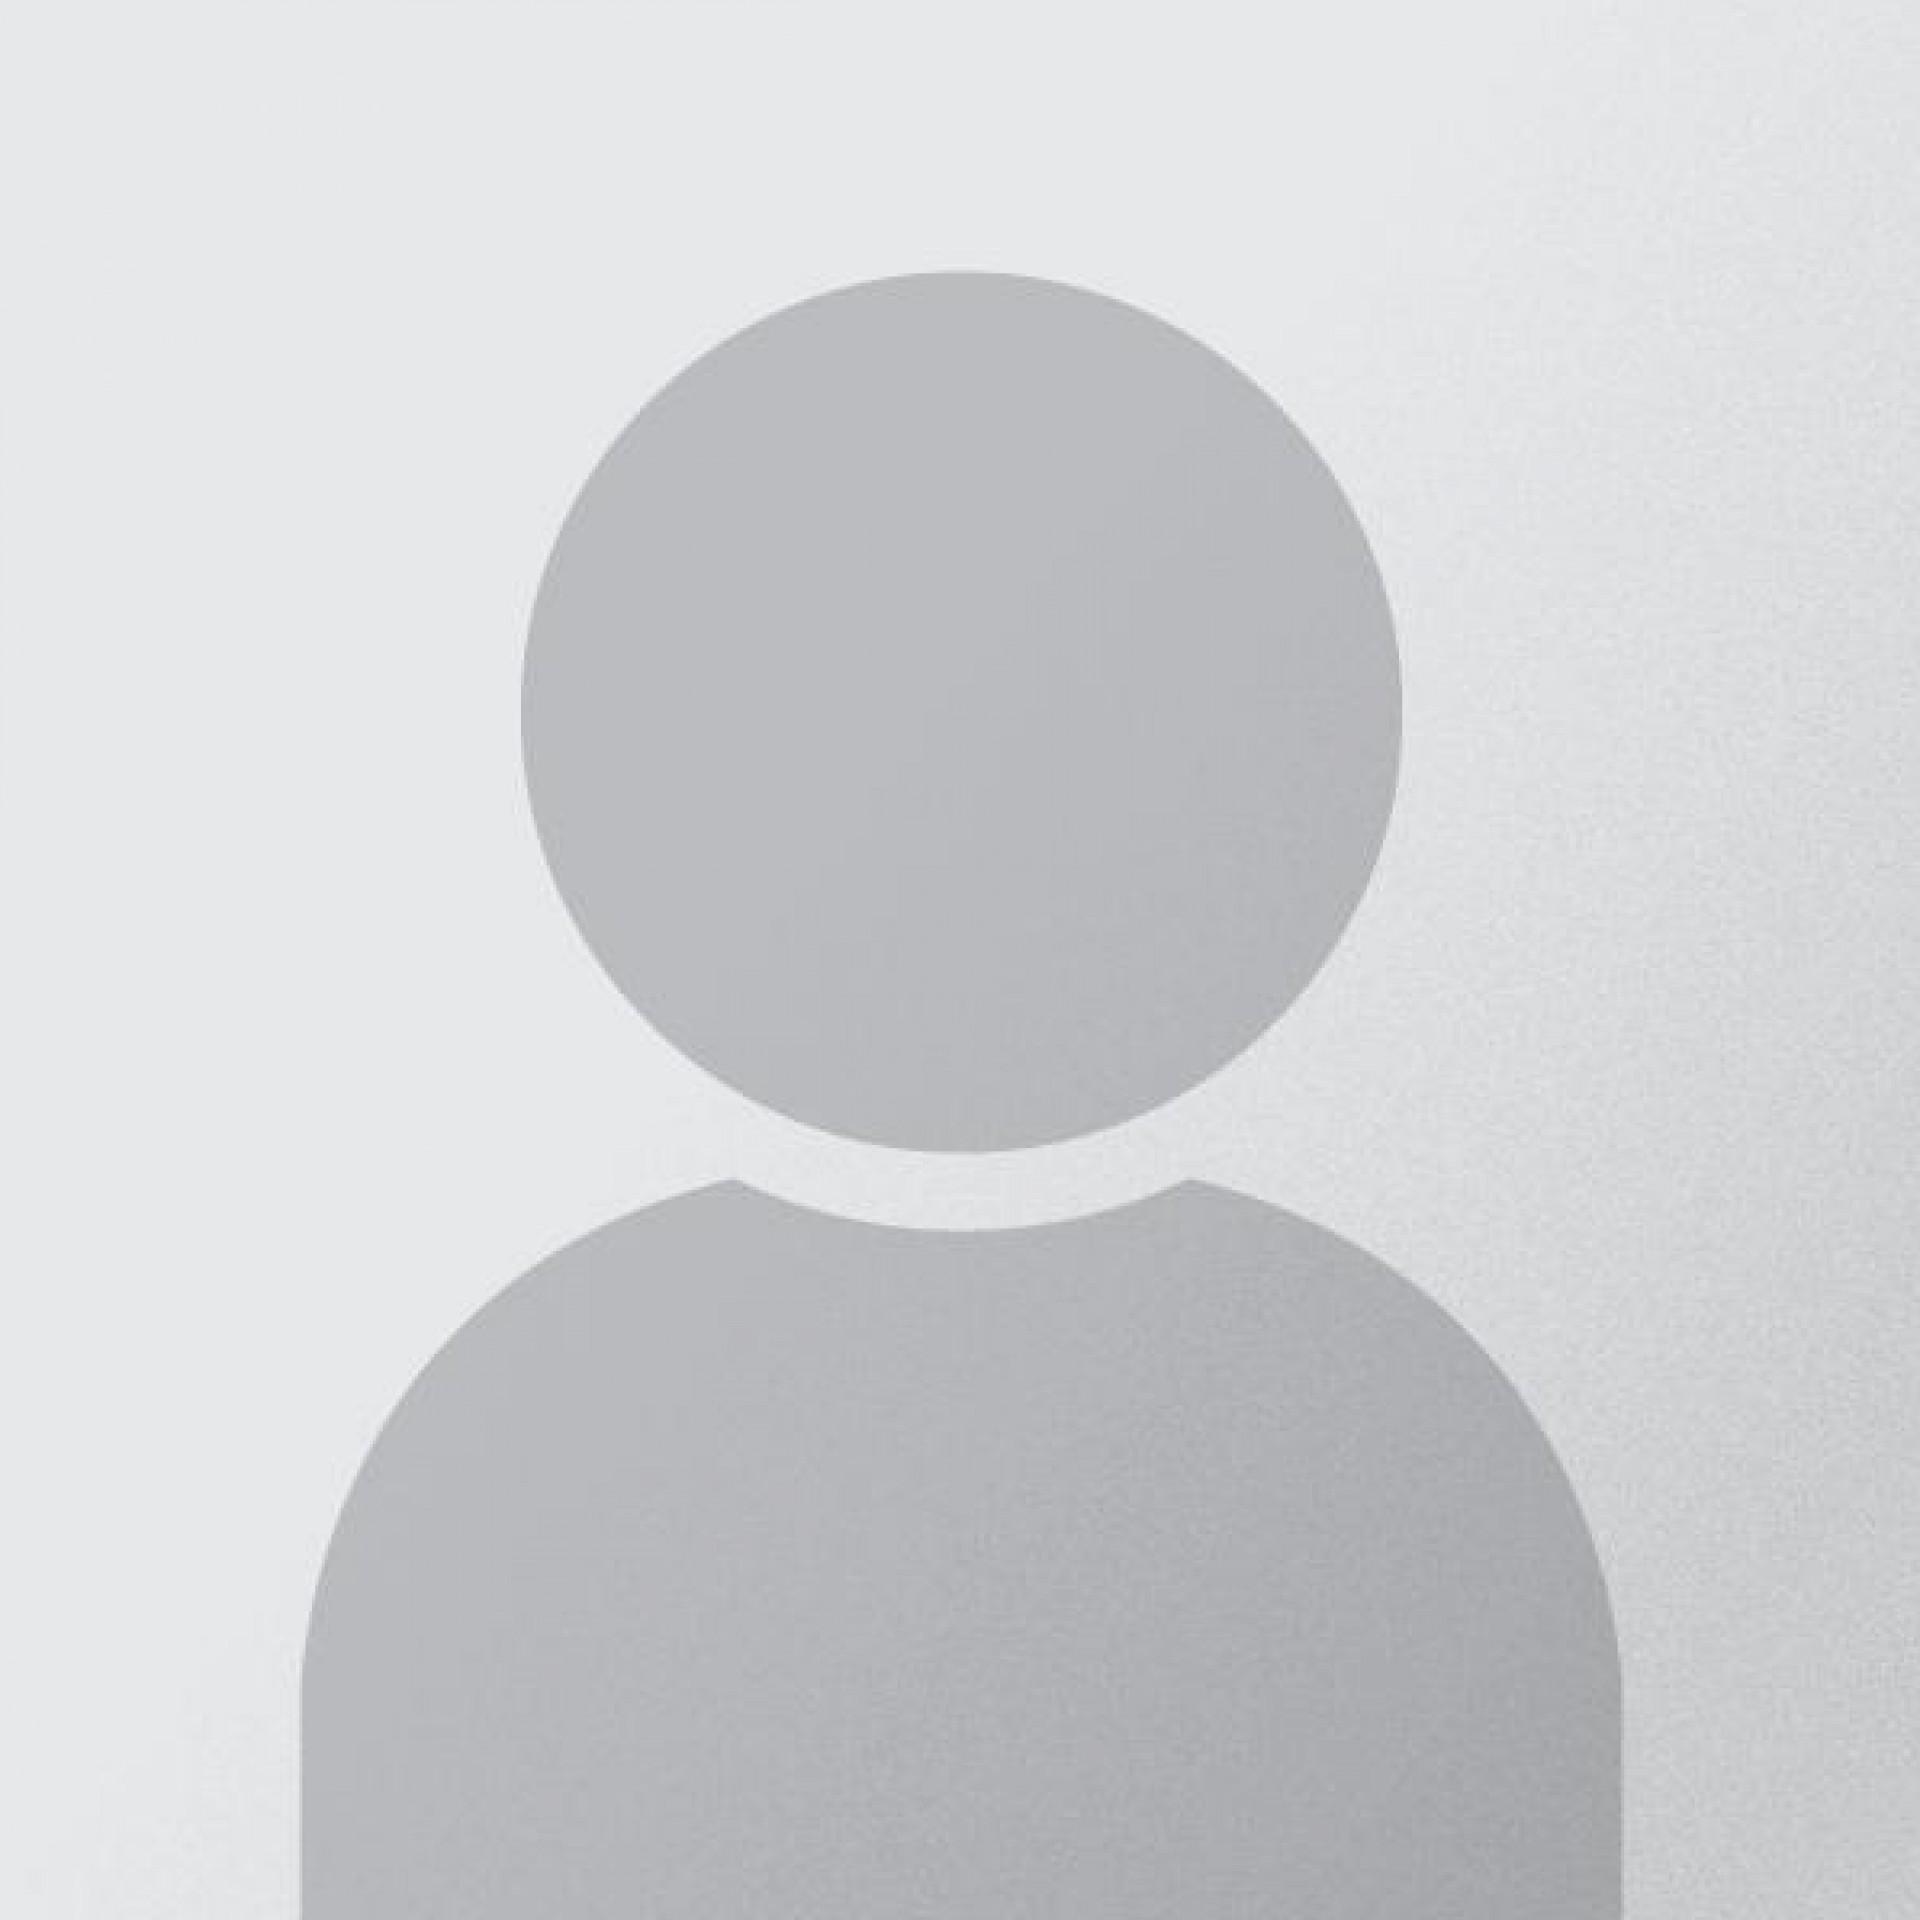 fotografia p021 profilu 010220OABI